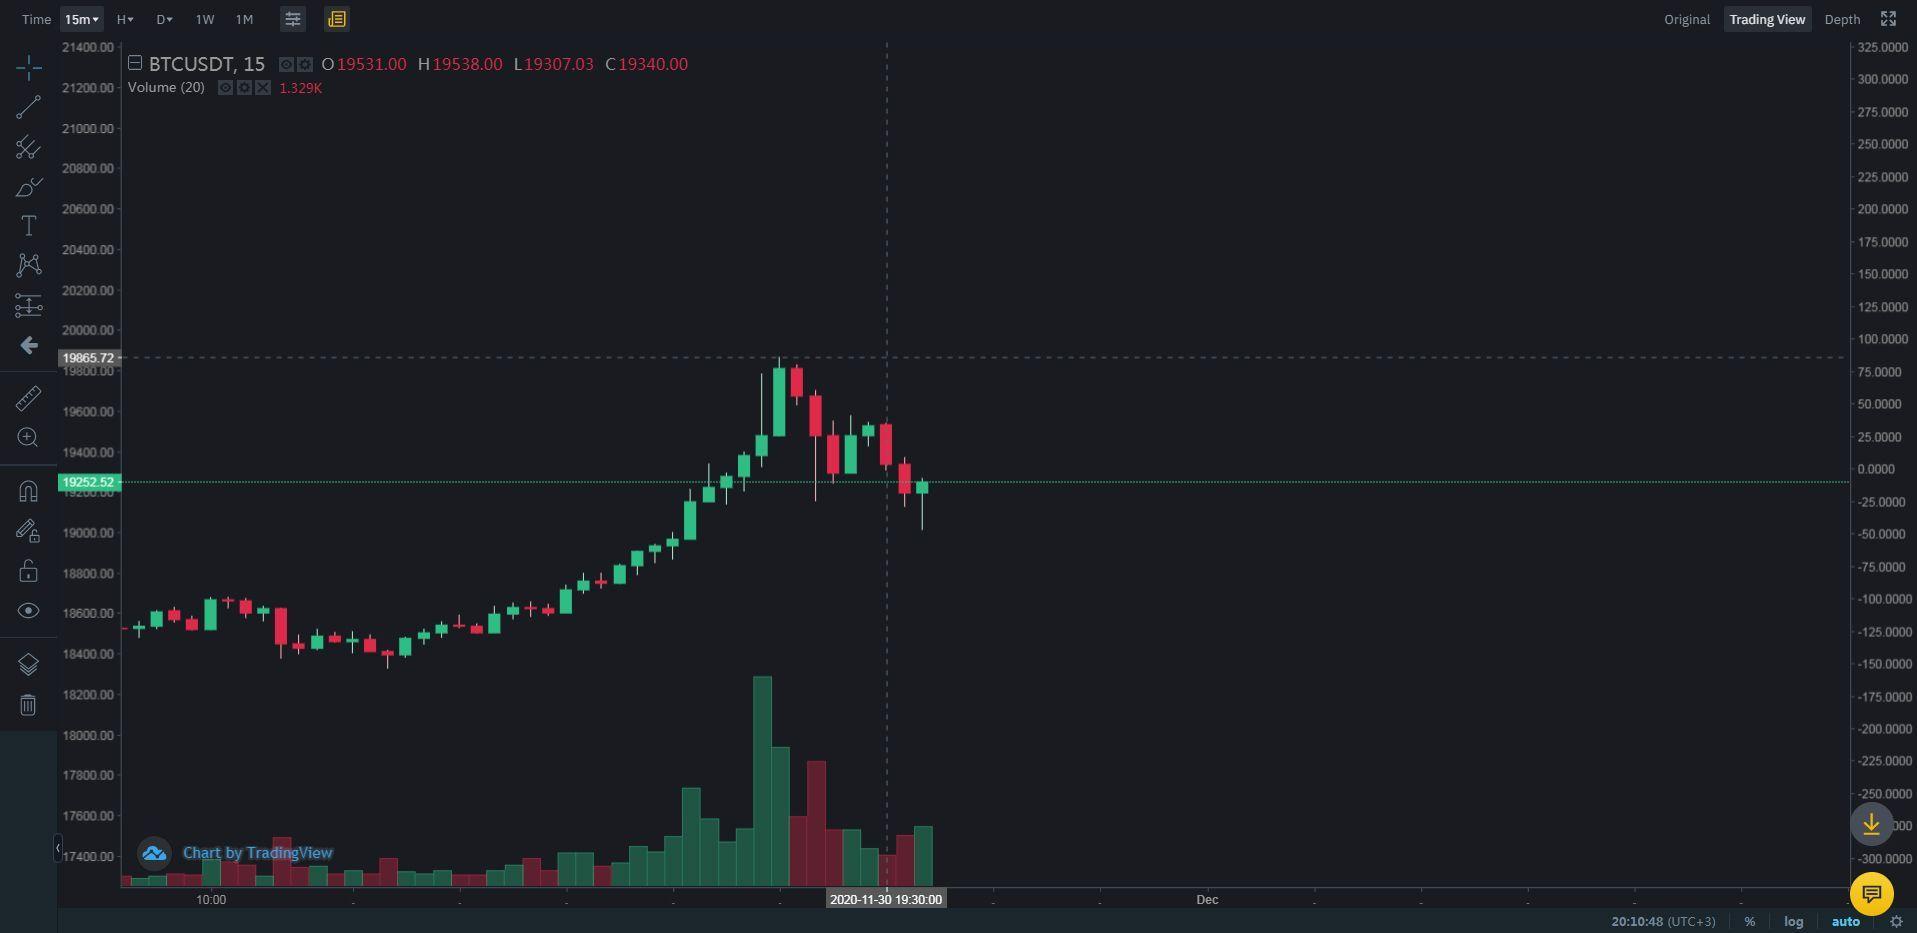 Битва за вершину: биткоин отскочил после попытки преодоления исторического максимума, превысив $19 860